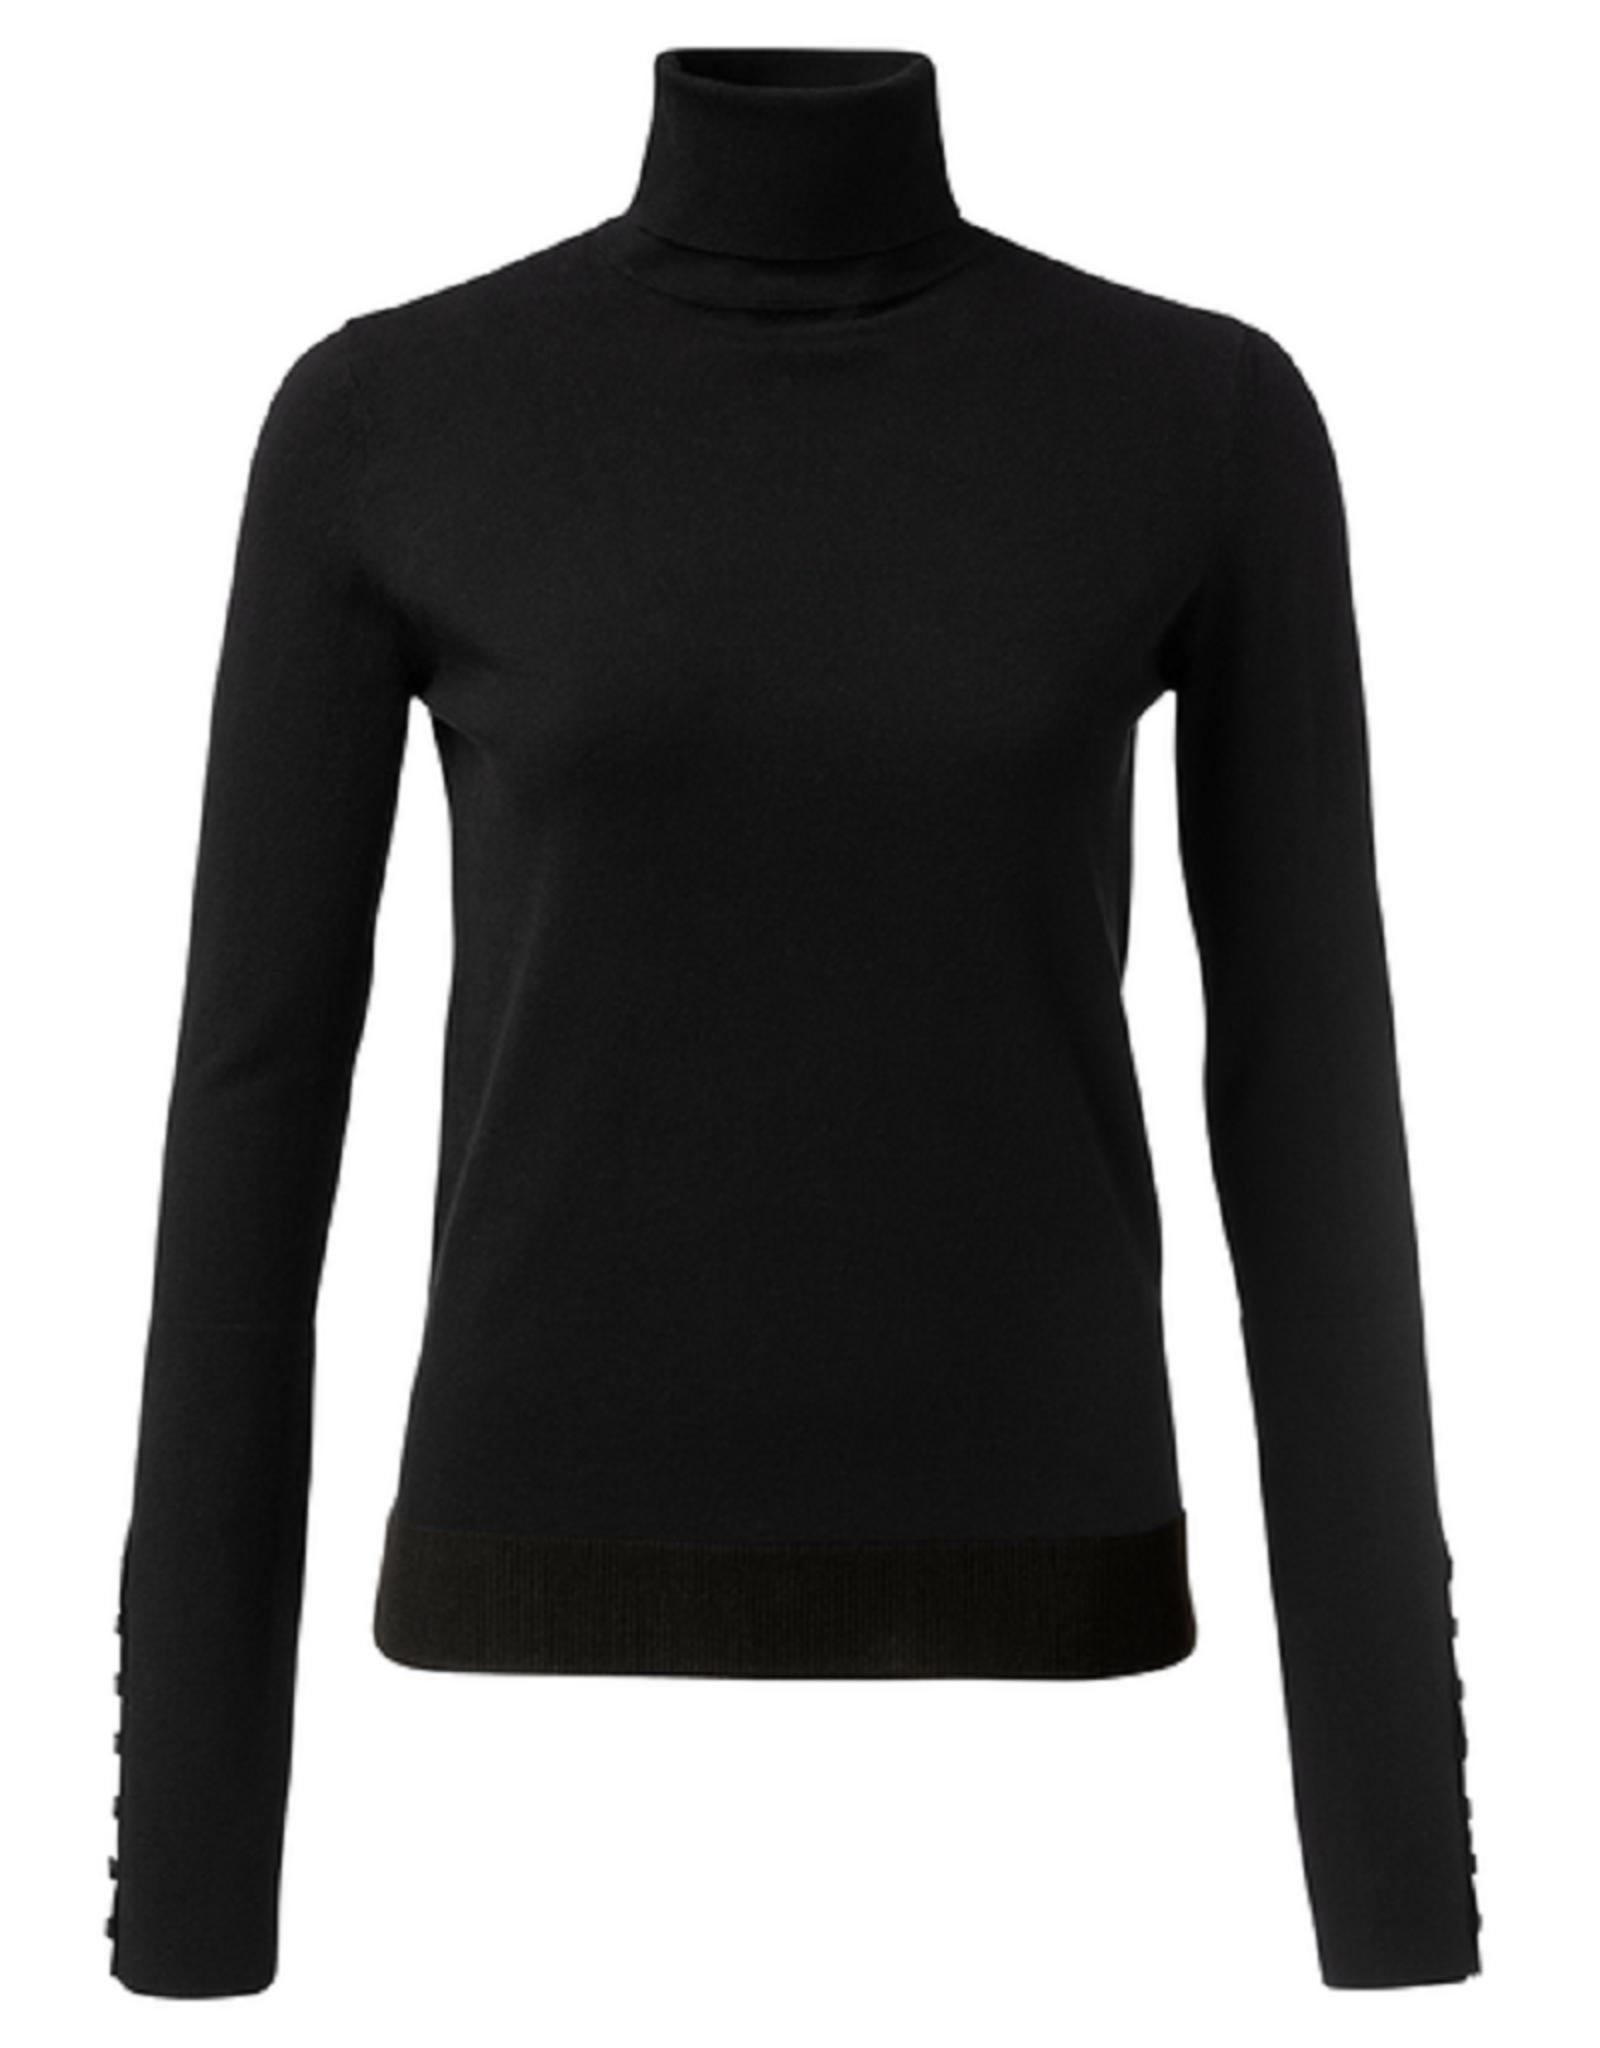 Yaya Yaya High neck sweater with buttons Zwart